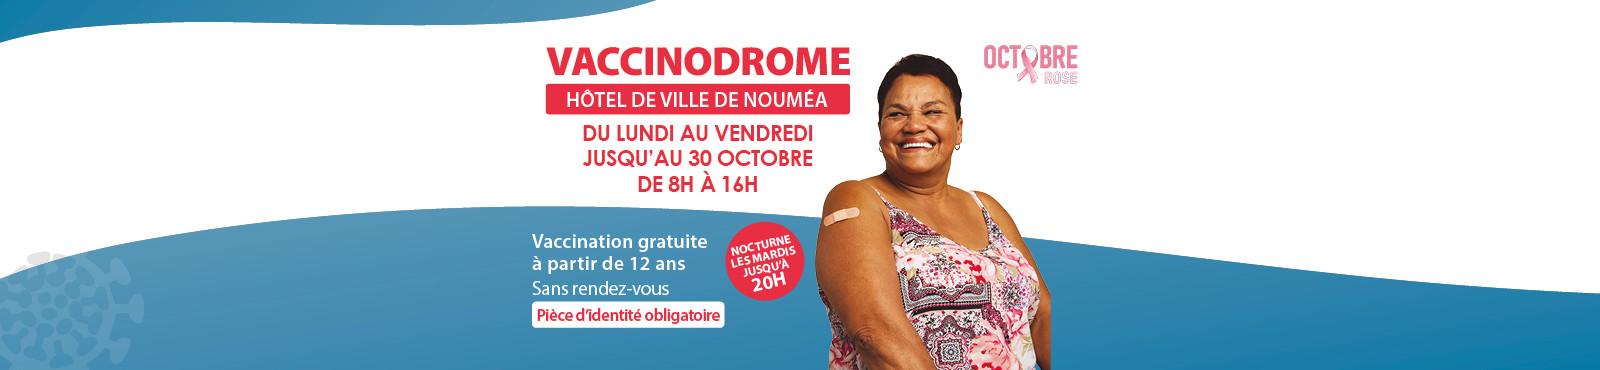 1600x370-vaccin-carrousel-gouv-fin_octobre.jpg